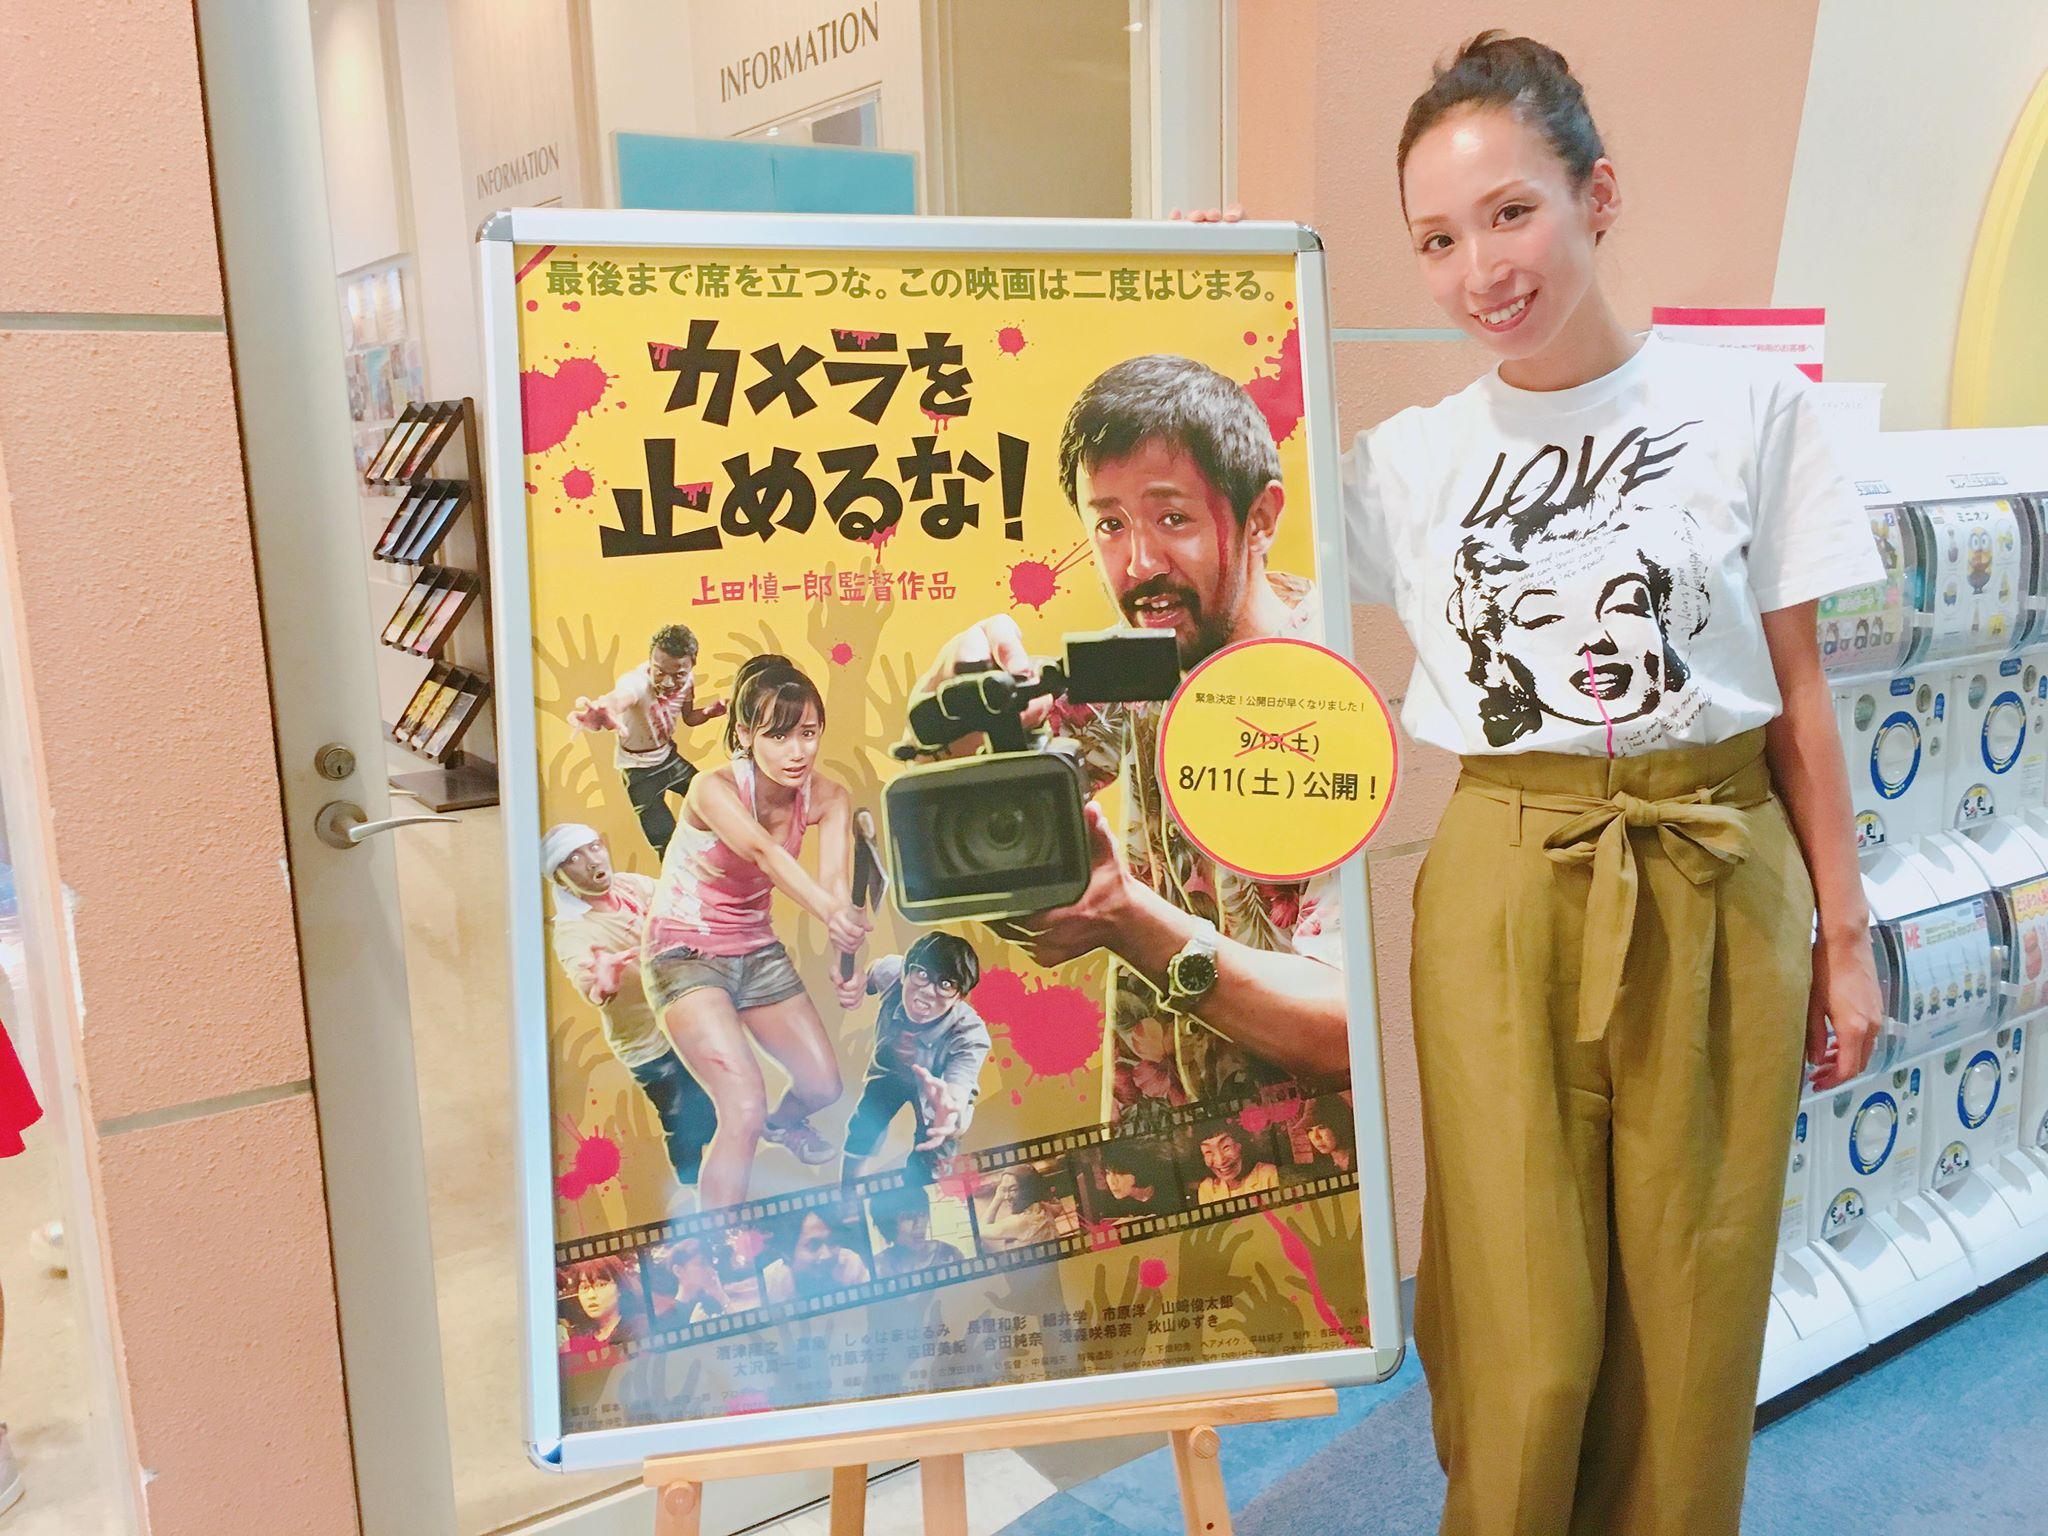 【ネタバレあり・映画感想】カメラを止めるな!大阪の舞台挨拶&上映会に行って相当笑ってきた。